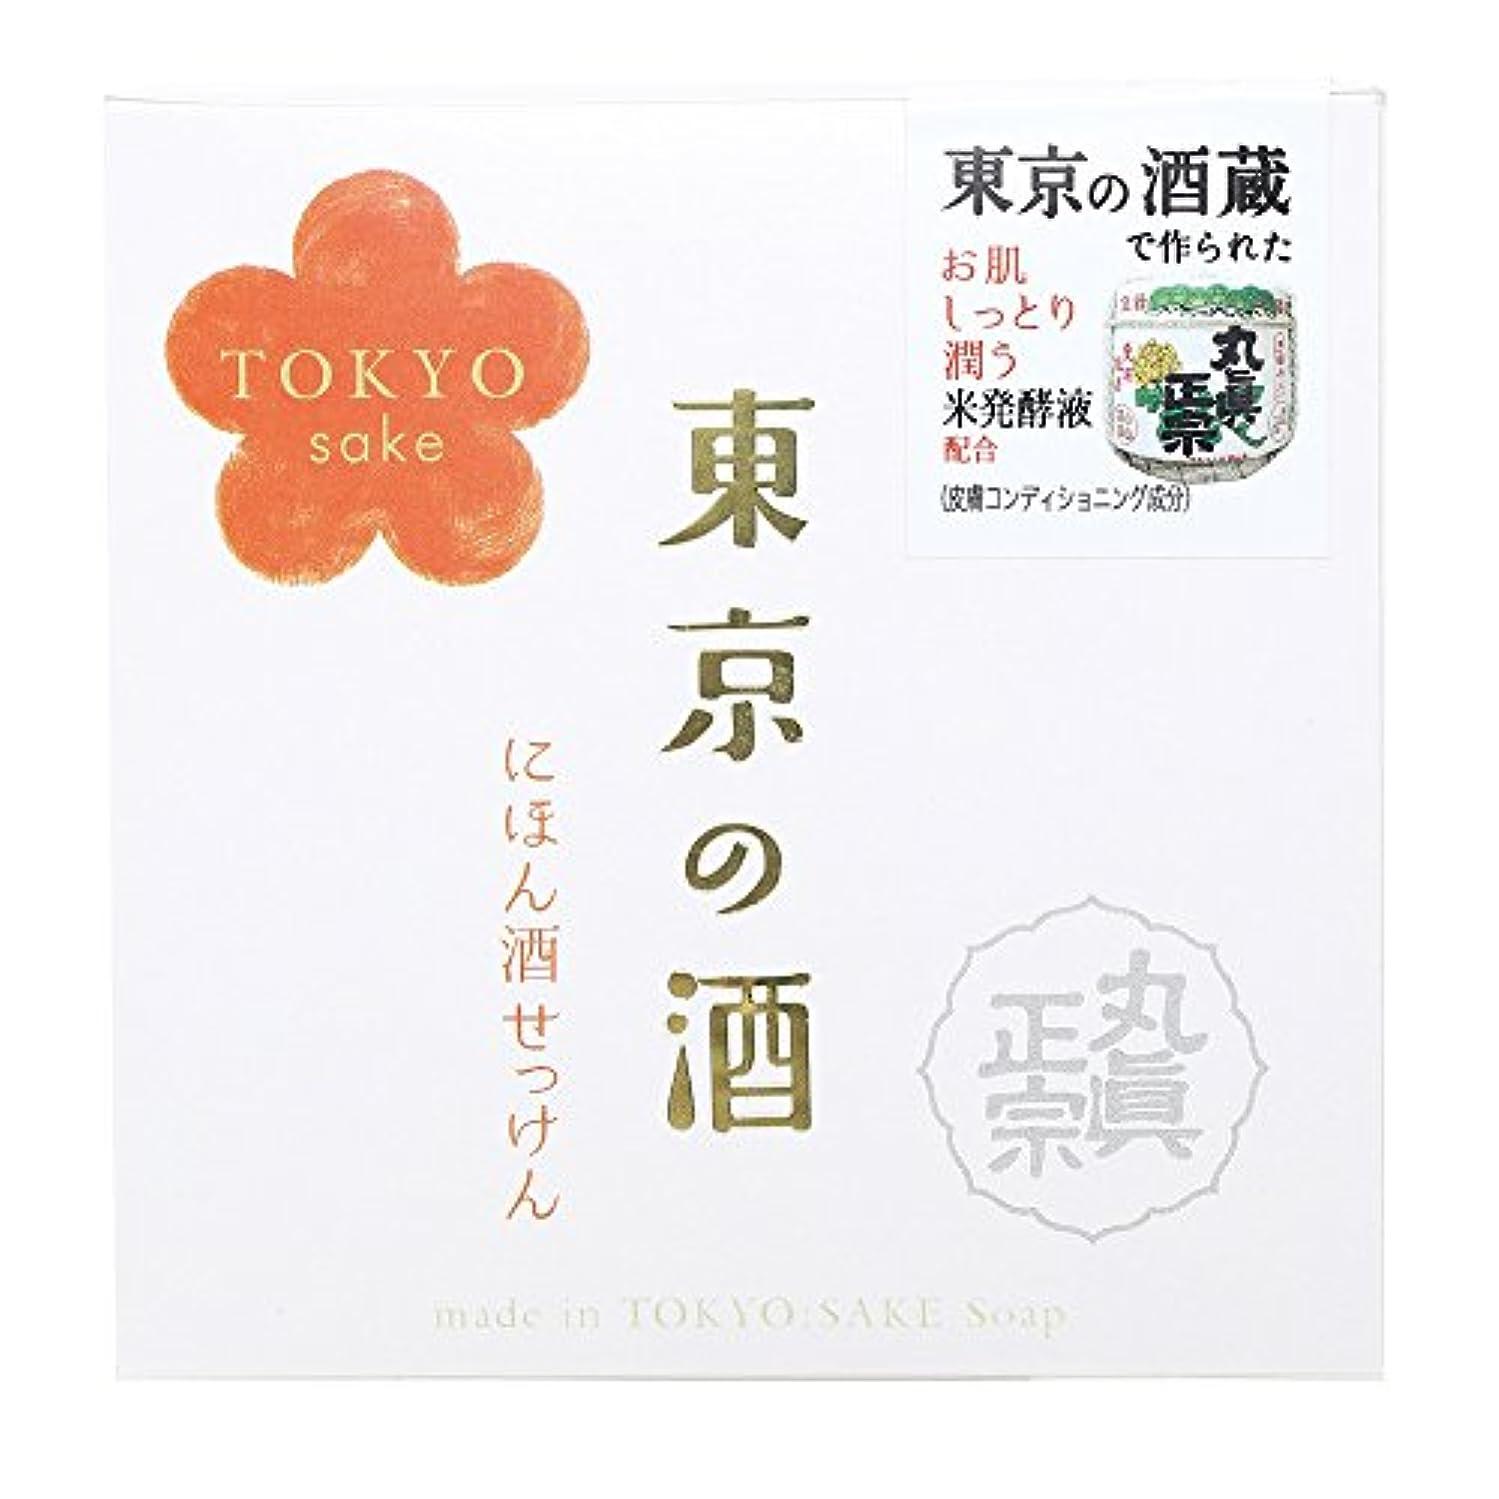 埋め込む新しい意味感じるノルコーポレーション 東京の酒 石けん OB-TKY-1-1 100g